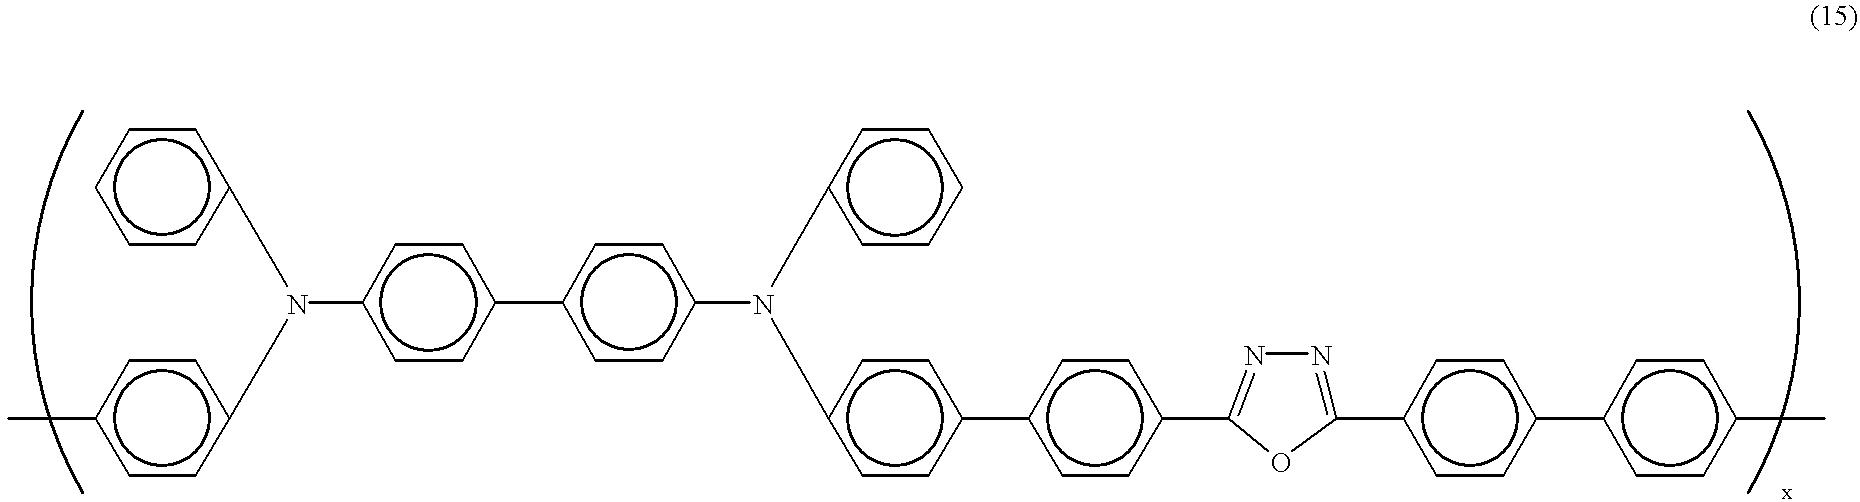 Figure US06406804-20020618-C00008